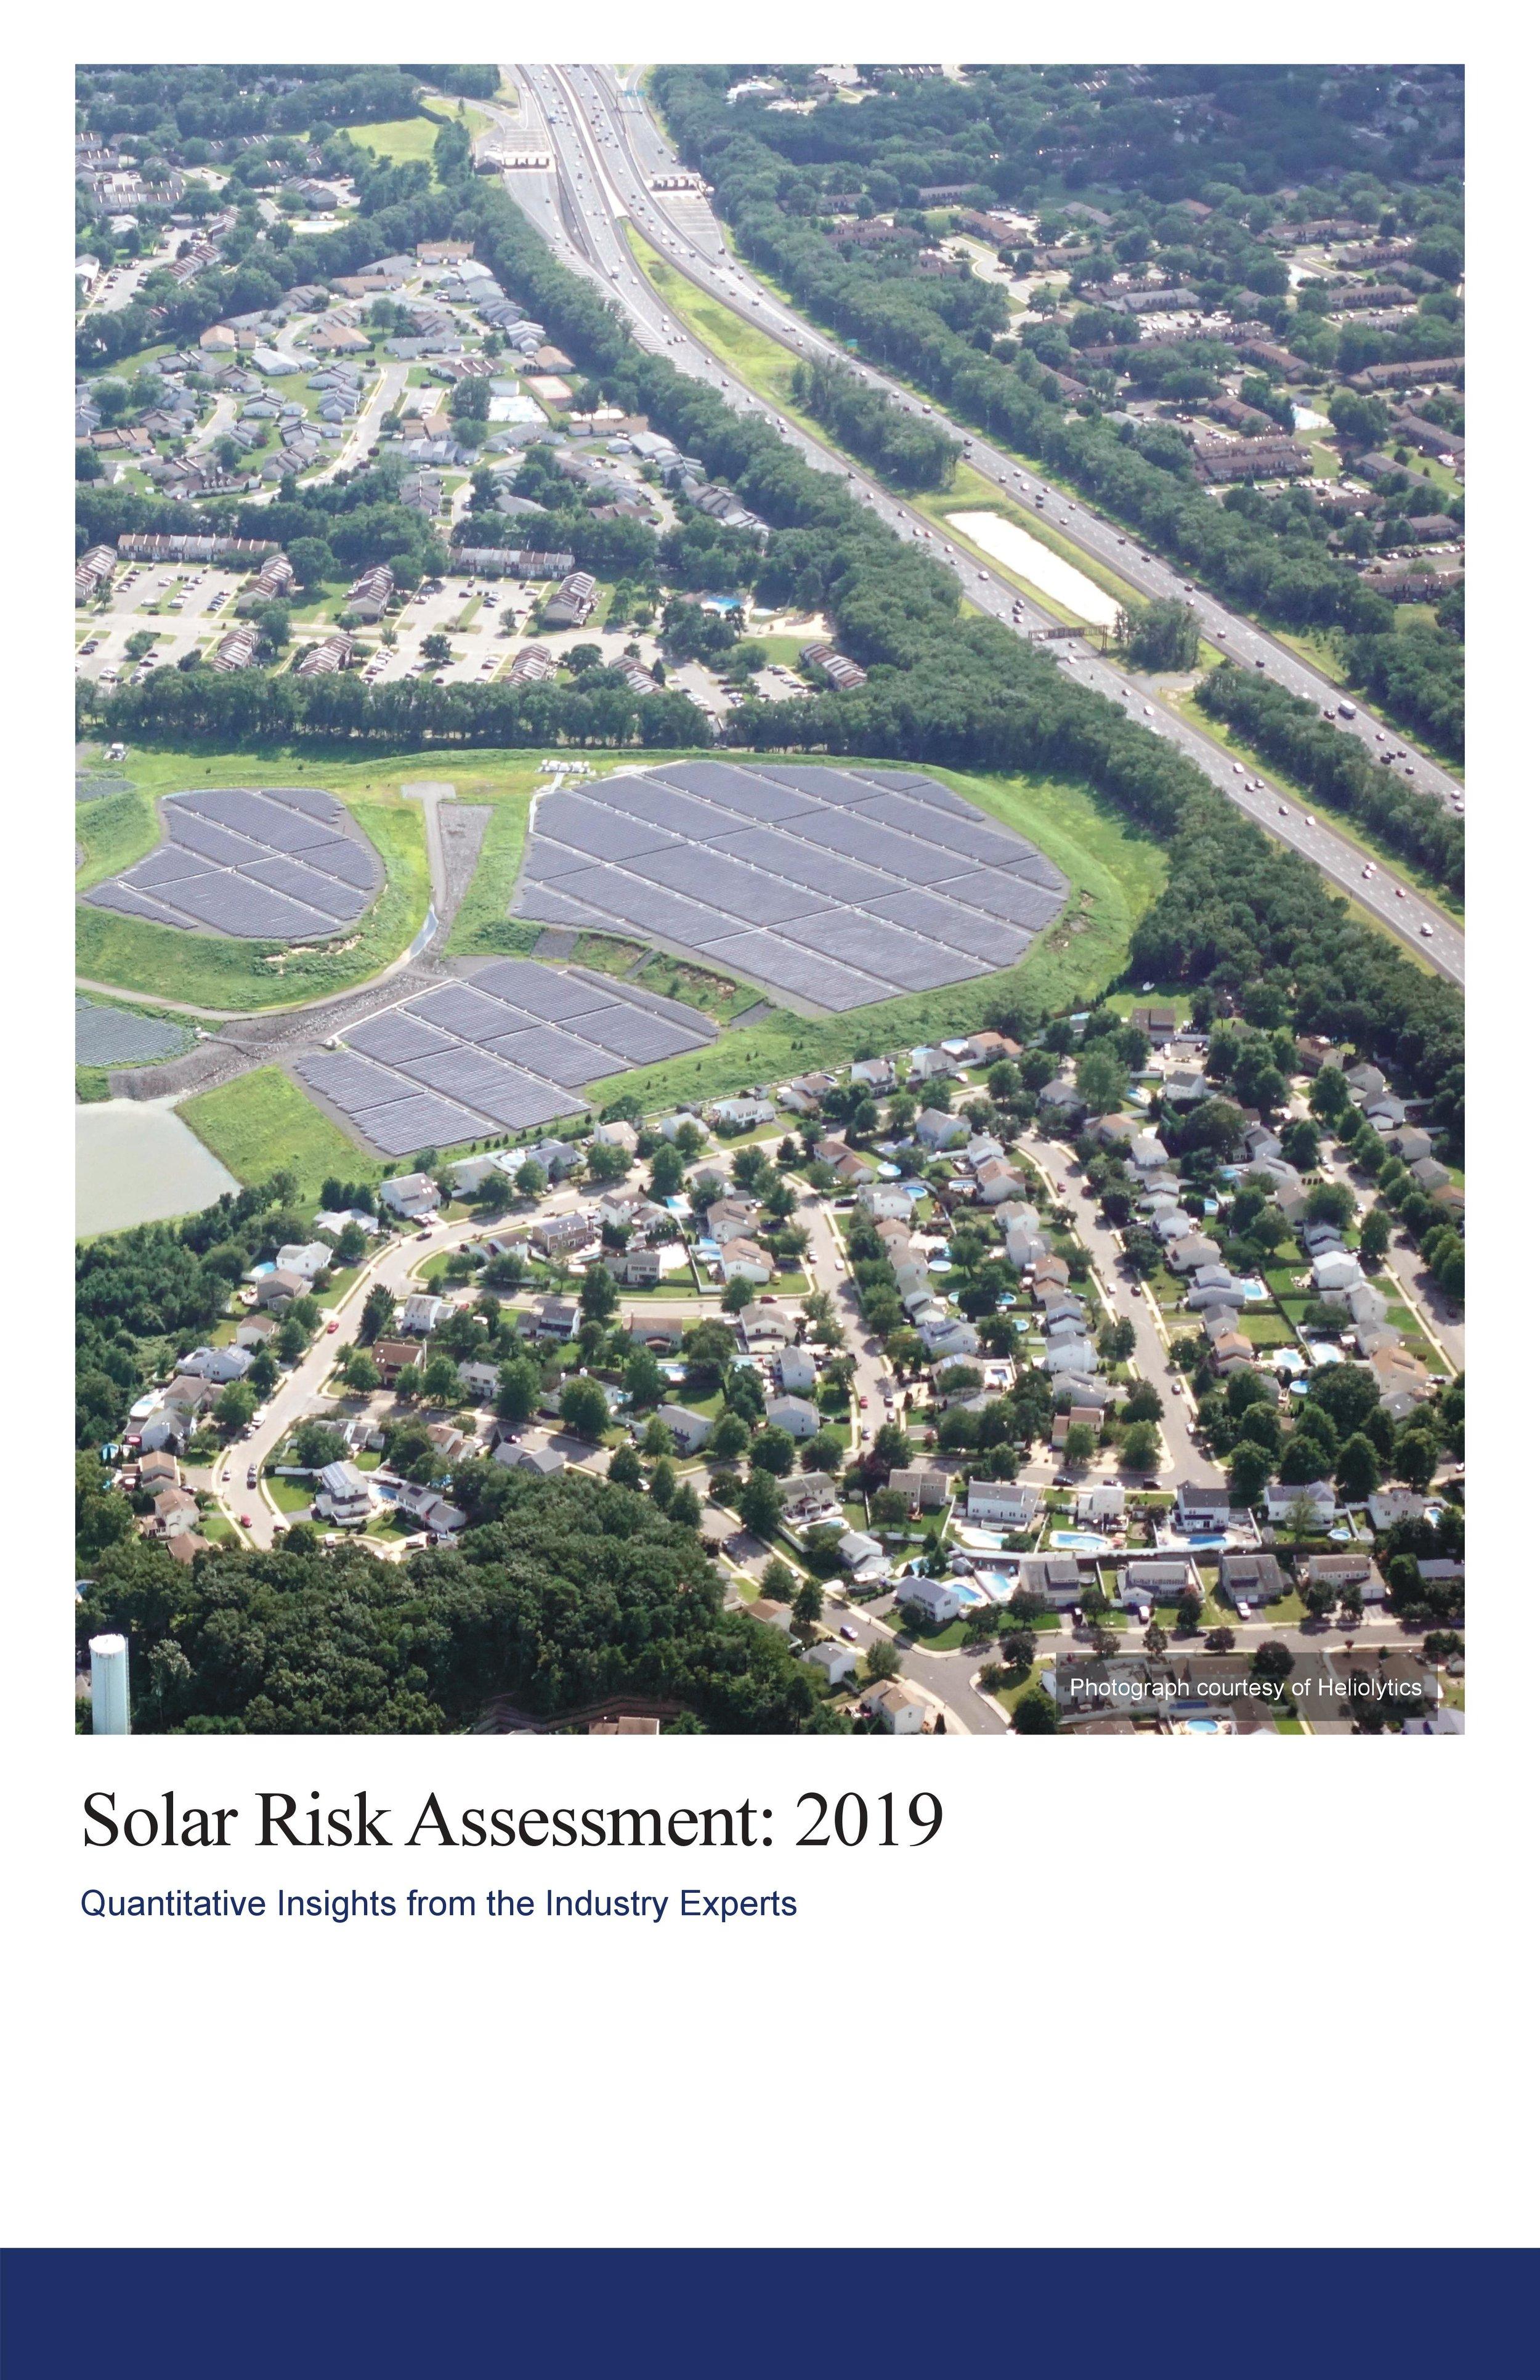 Solar-Risk-Assessment-Cover.jpg